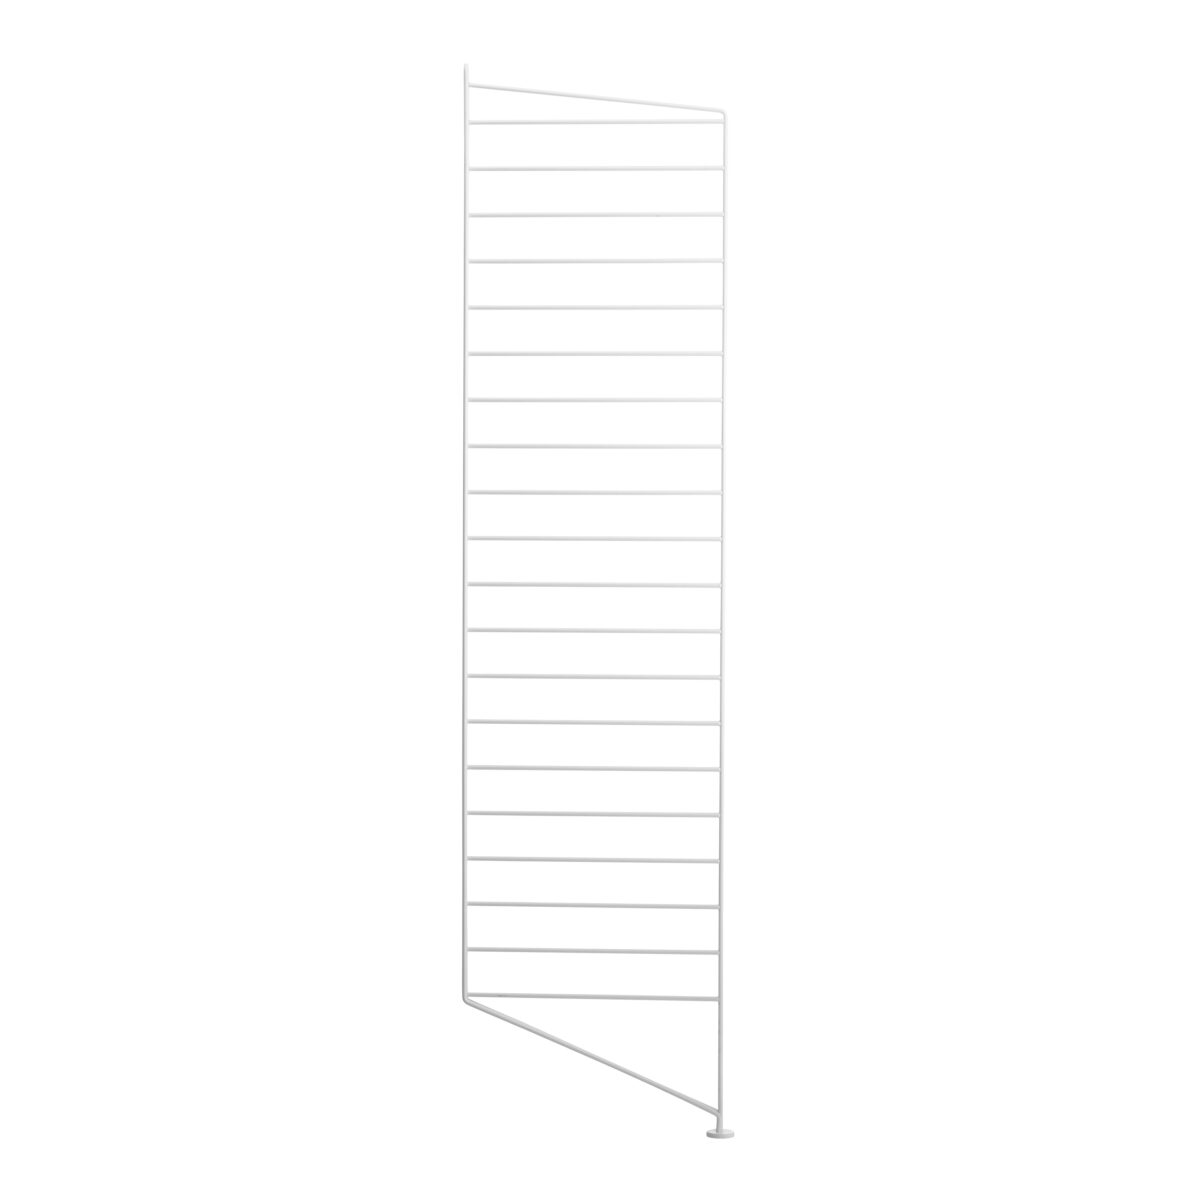 product floorpanel white 115x30 portrait xxlarge scaled